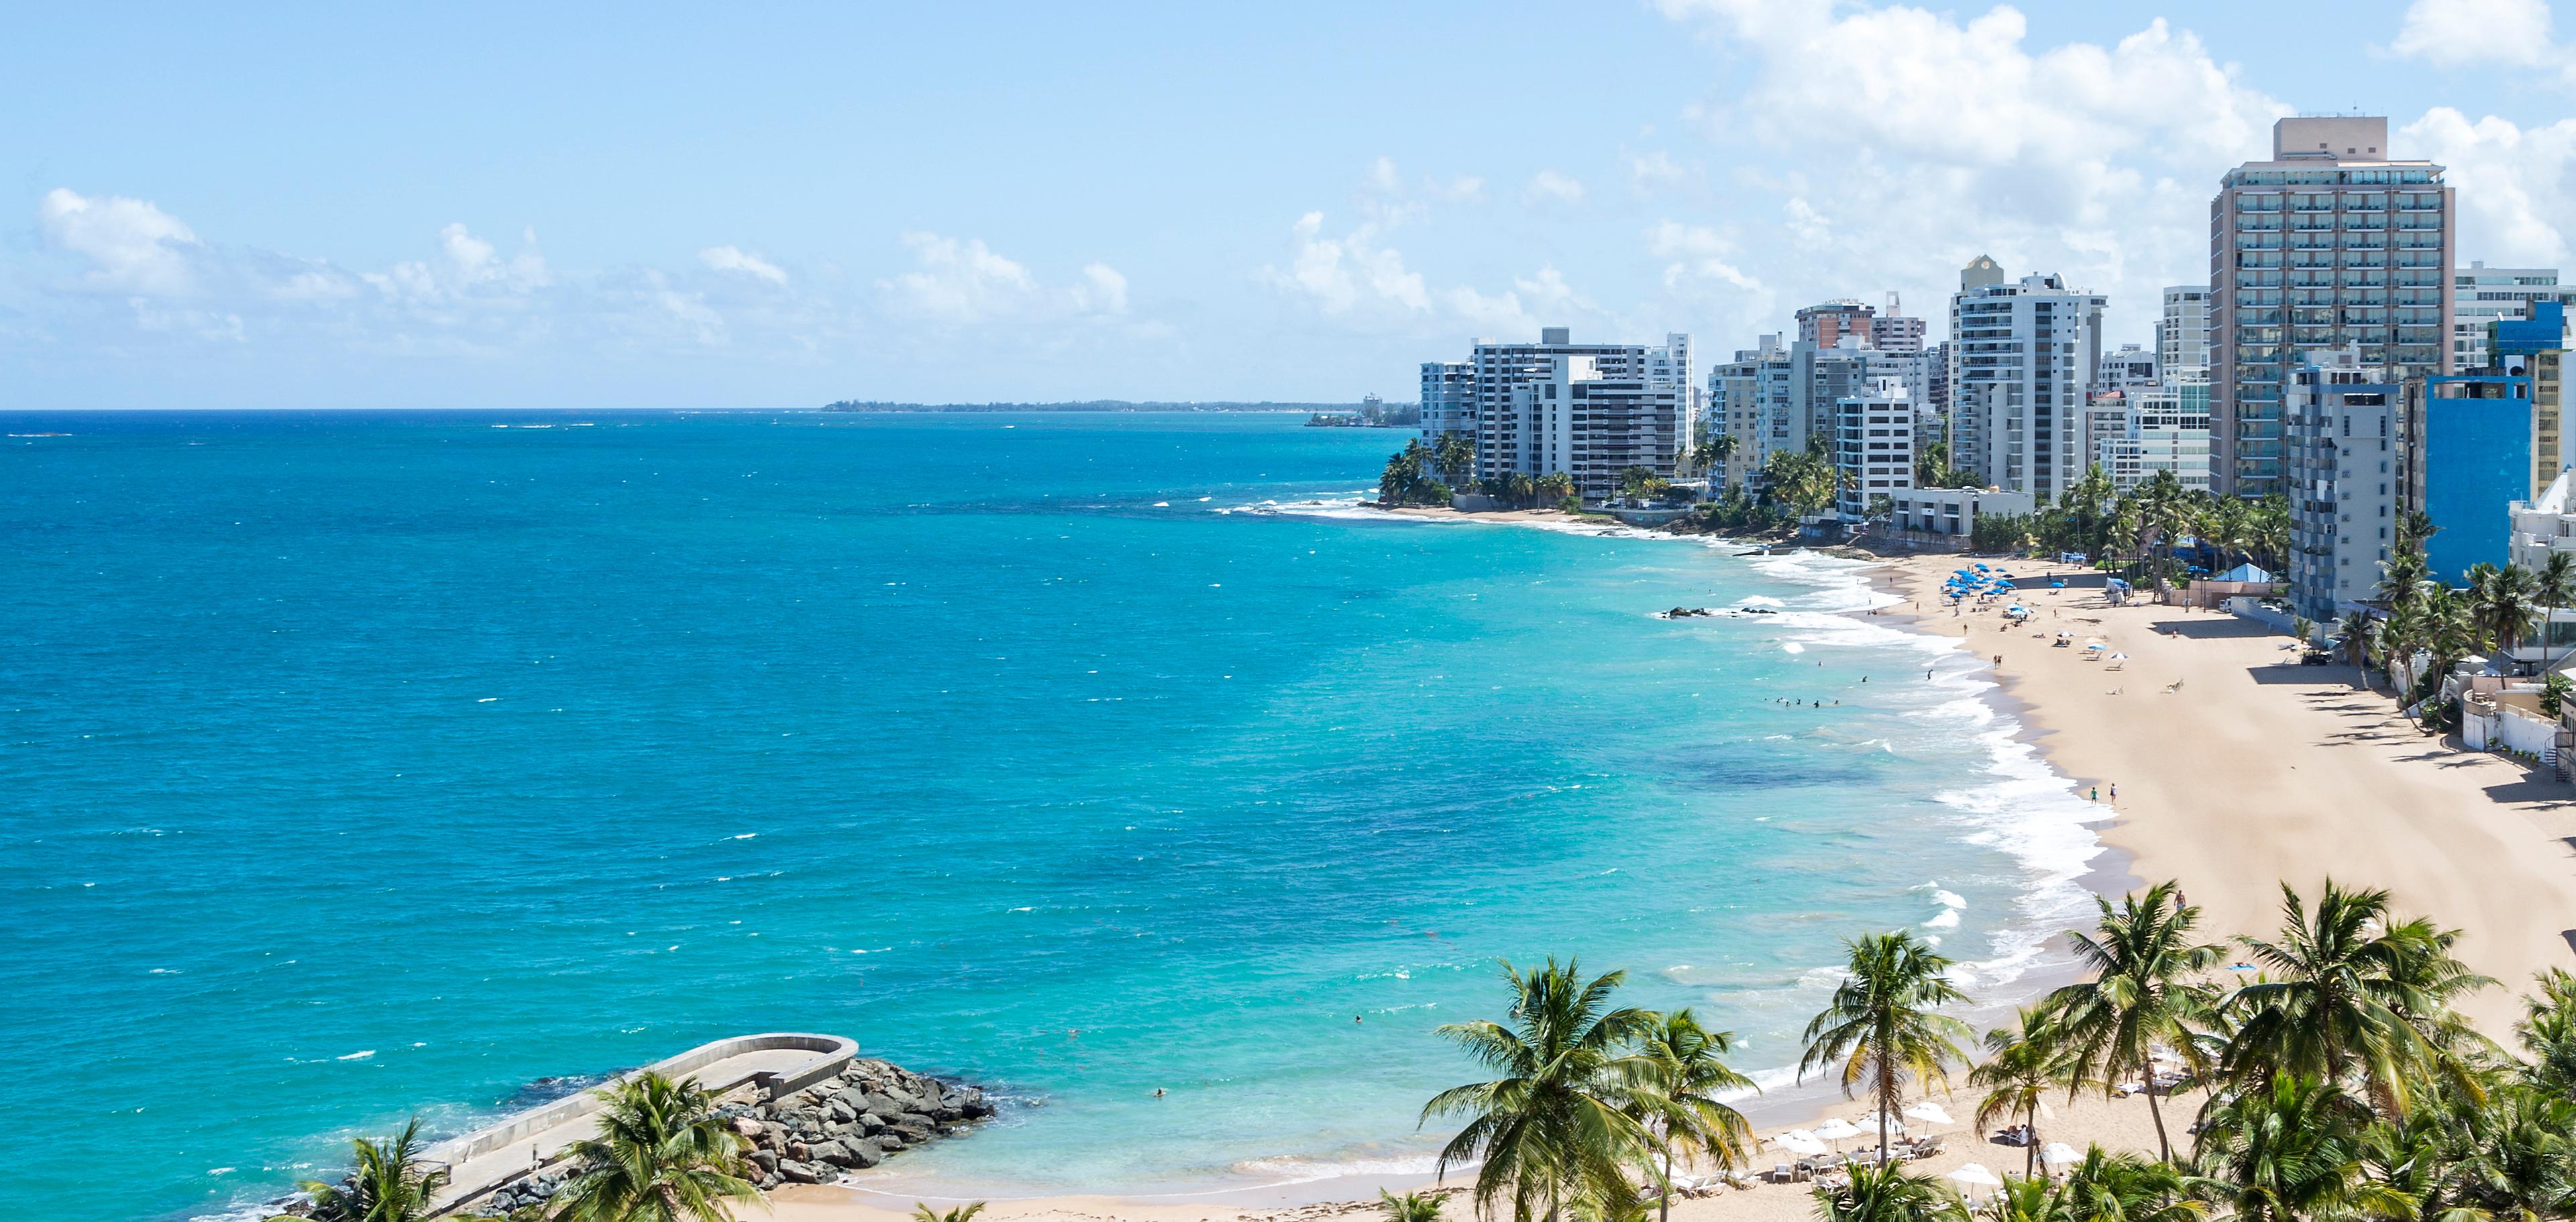 San Juan Holiday Homes On The Sea And